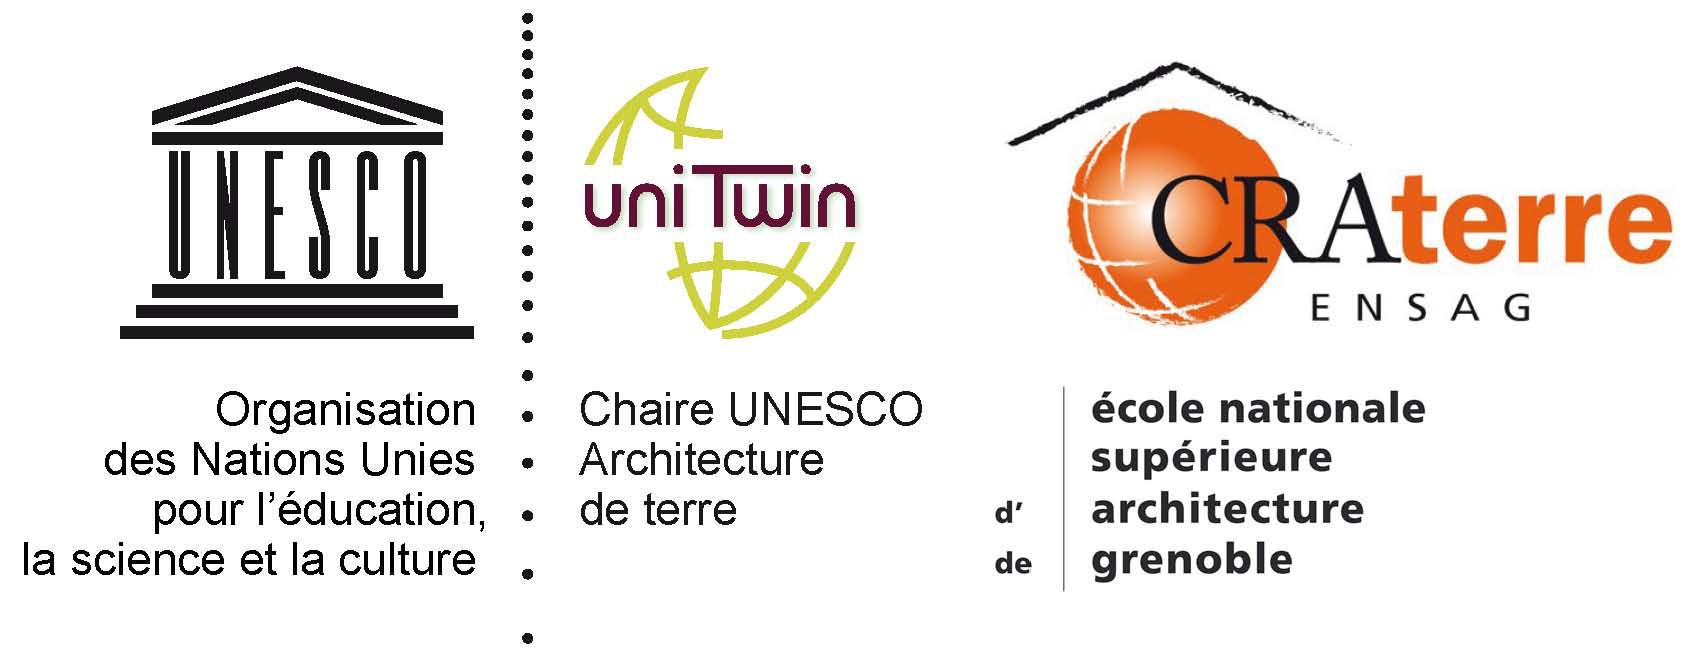 UNESCO Chair Earthen Architecture